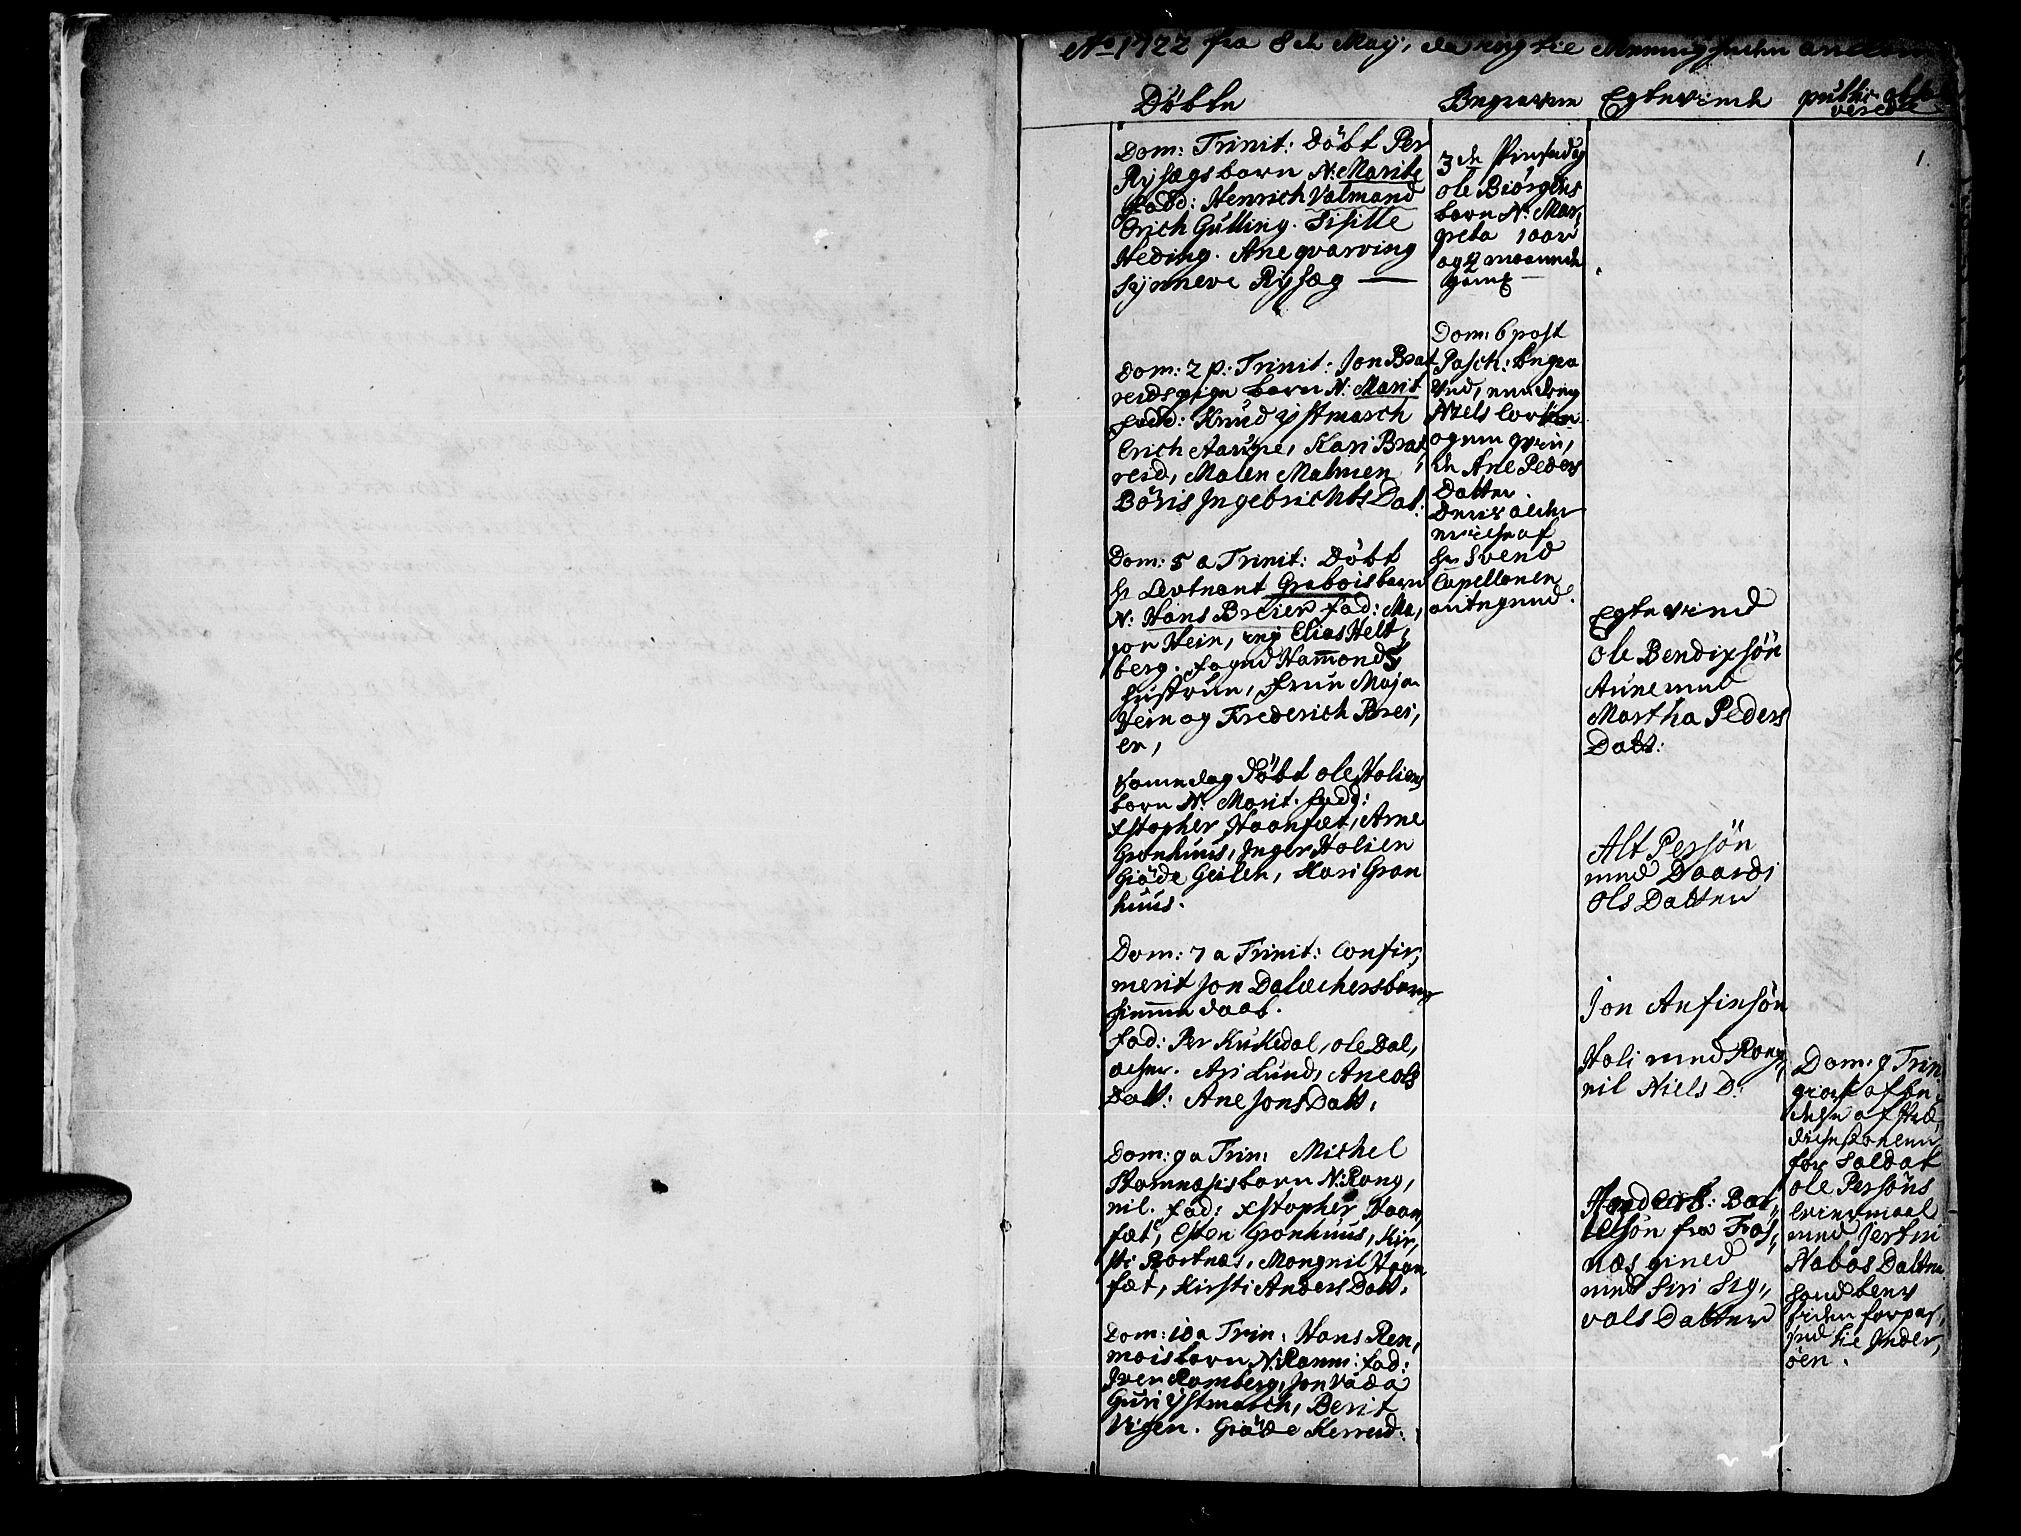 SAT, Ministerialprotokoller, klokkerbøker og fødselsregistre - Nord-Trøndelag, 741/L0385: Ministerialbok nr. 741A01, 1722-1815, s. 1